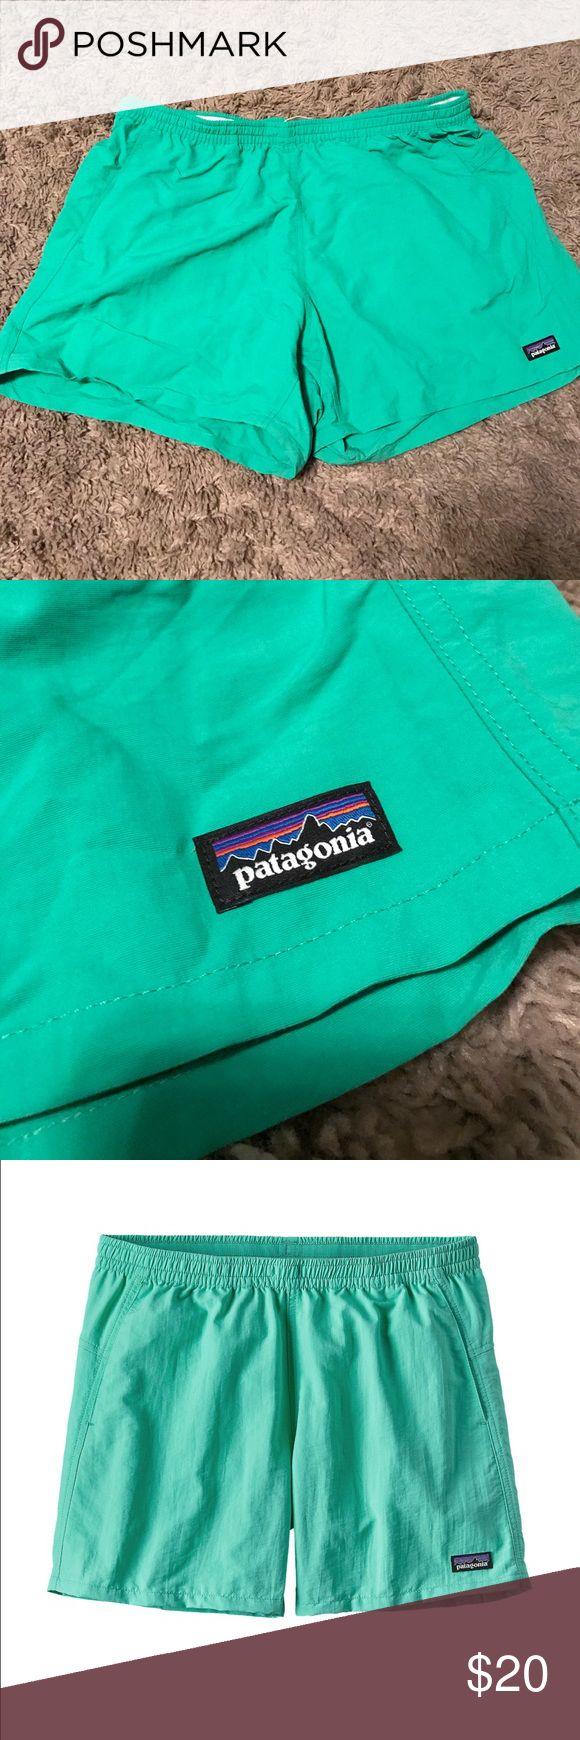 """Patagonia women's baggies shorts 5"""" Patagonia women's baggies shorts! Great condition! Very comfortable and breathable. Patagonia Shorts"""